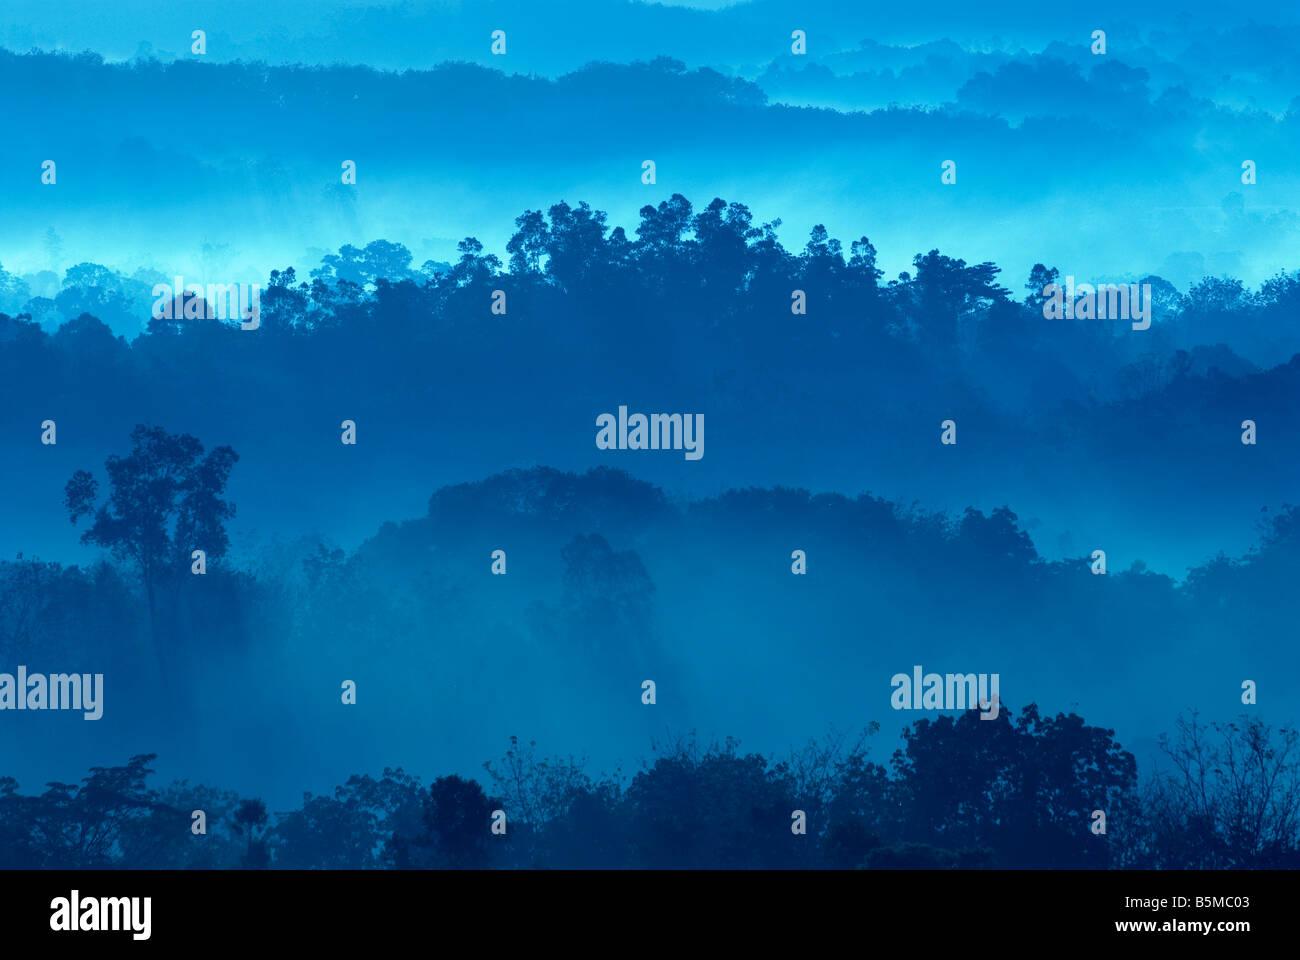 Nebligen Morgen des hügeligen Gegend mit Lichtstrahl Stockfoto